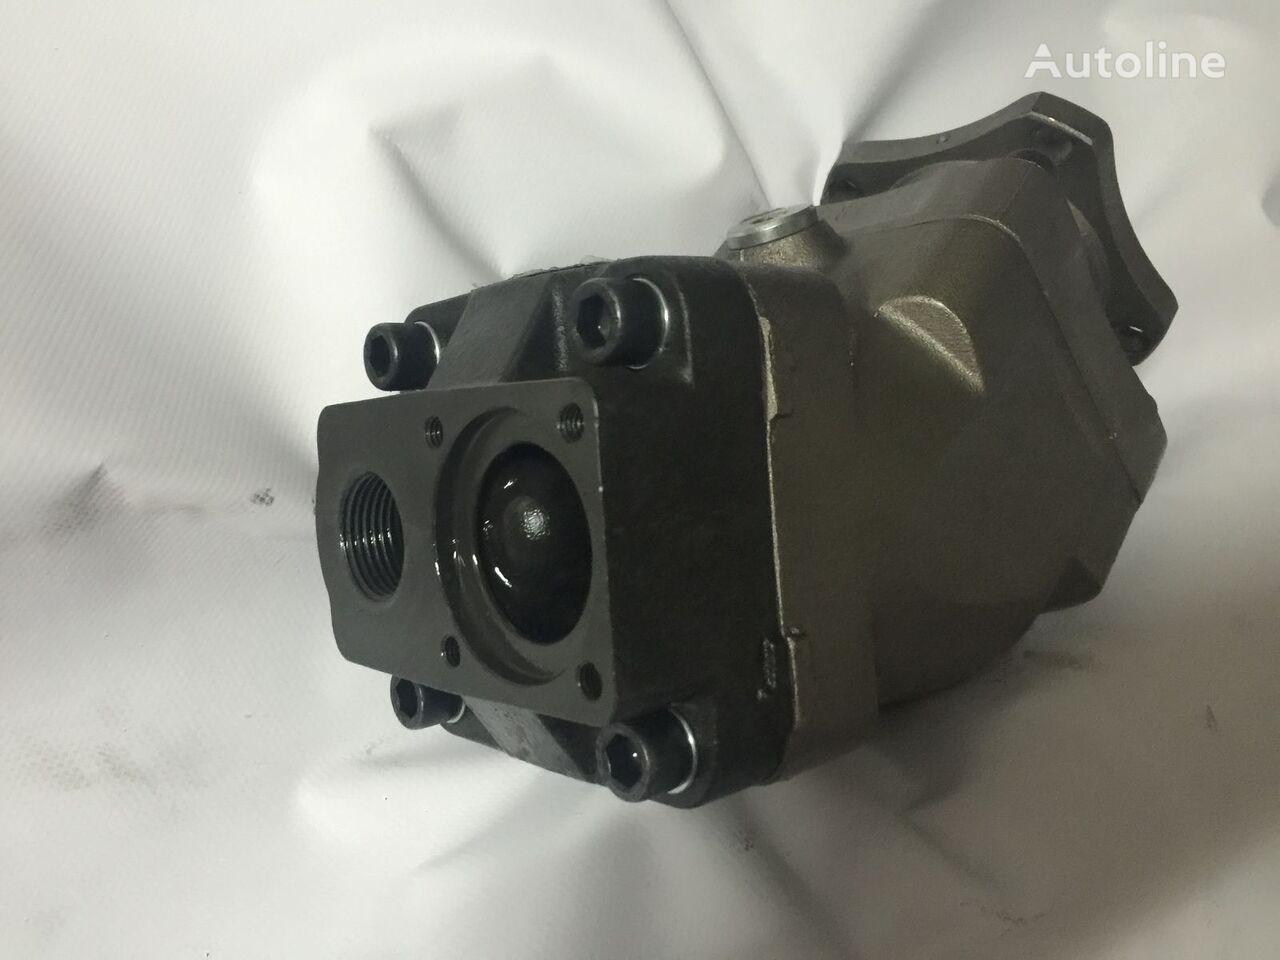 pompe hydraulique Aksialno-porshnevoy 65 l/min (APN) pour matériel de manutention neuve